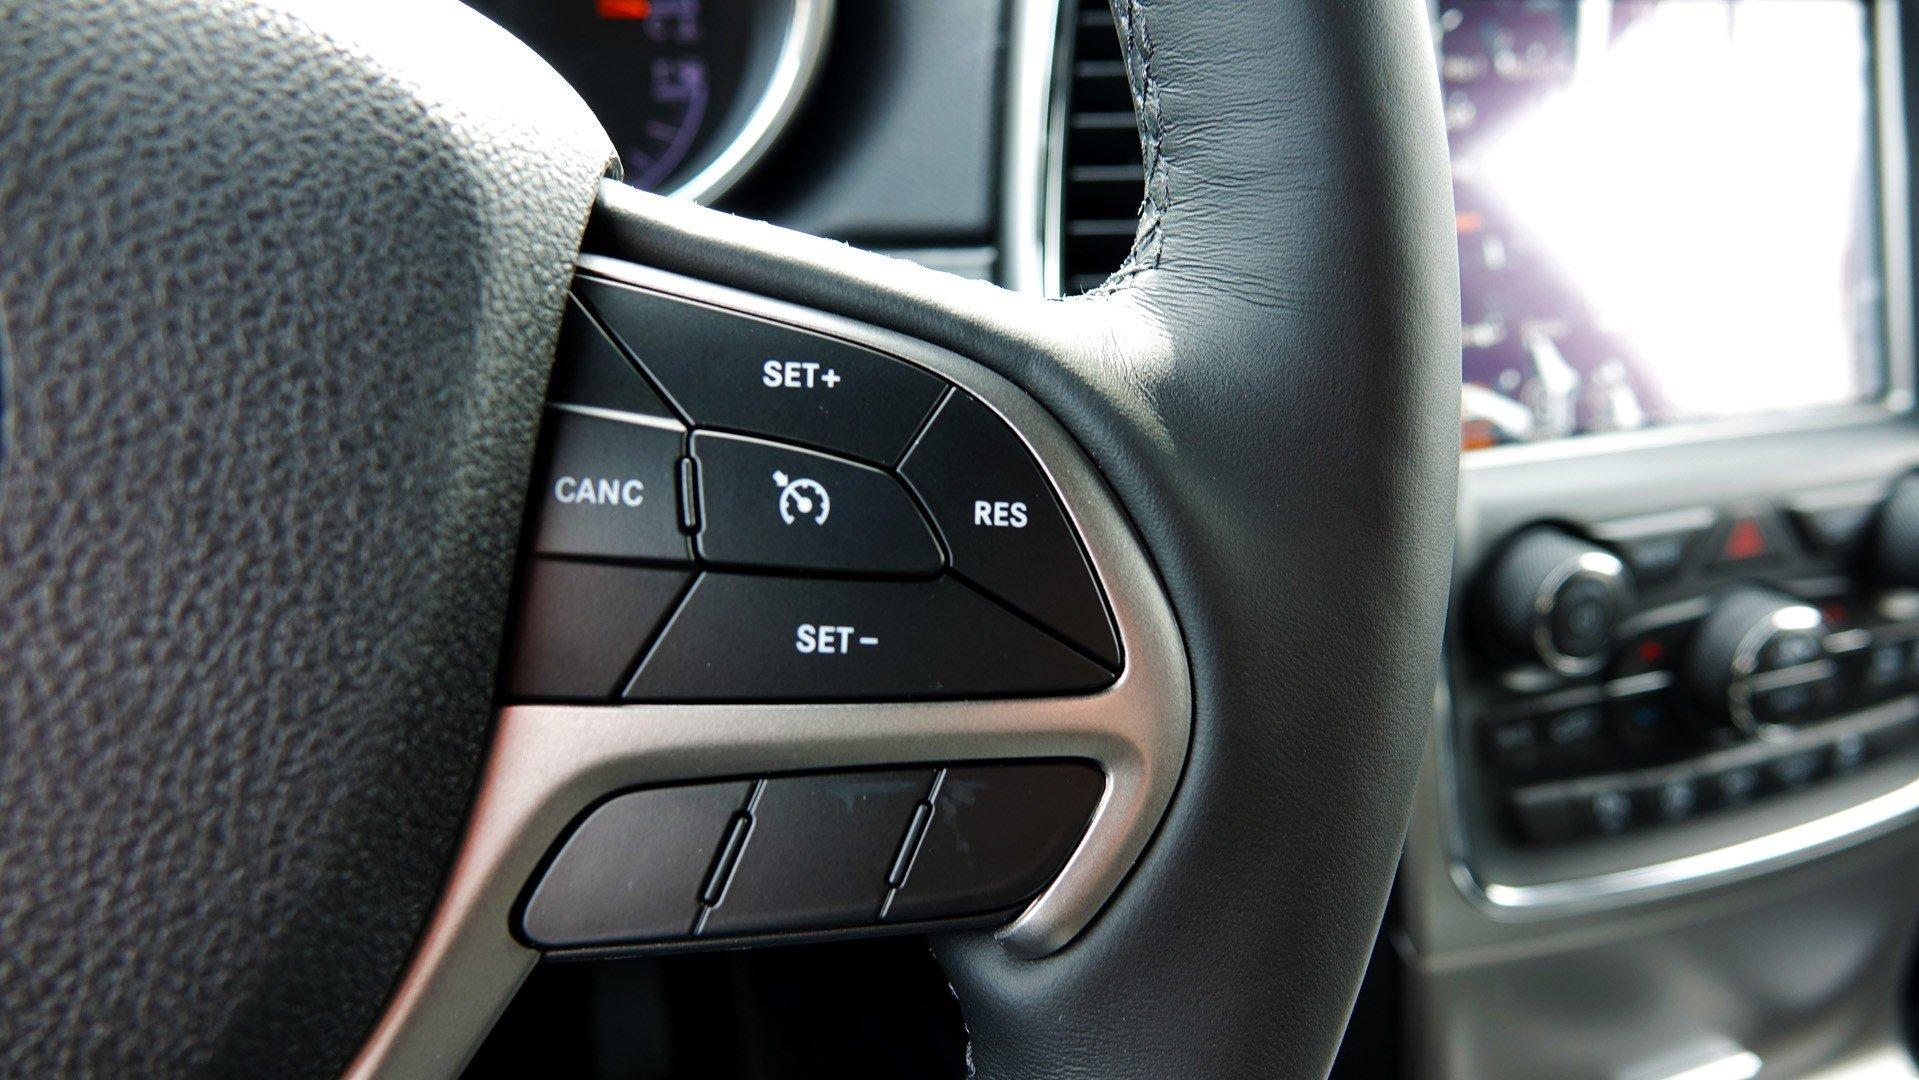 Eide Chrysler Cruise Control Recall